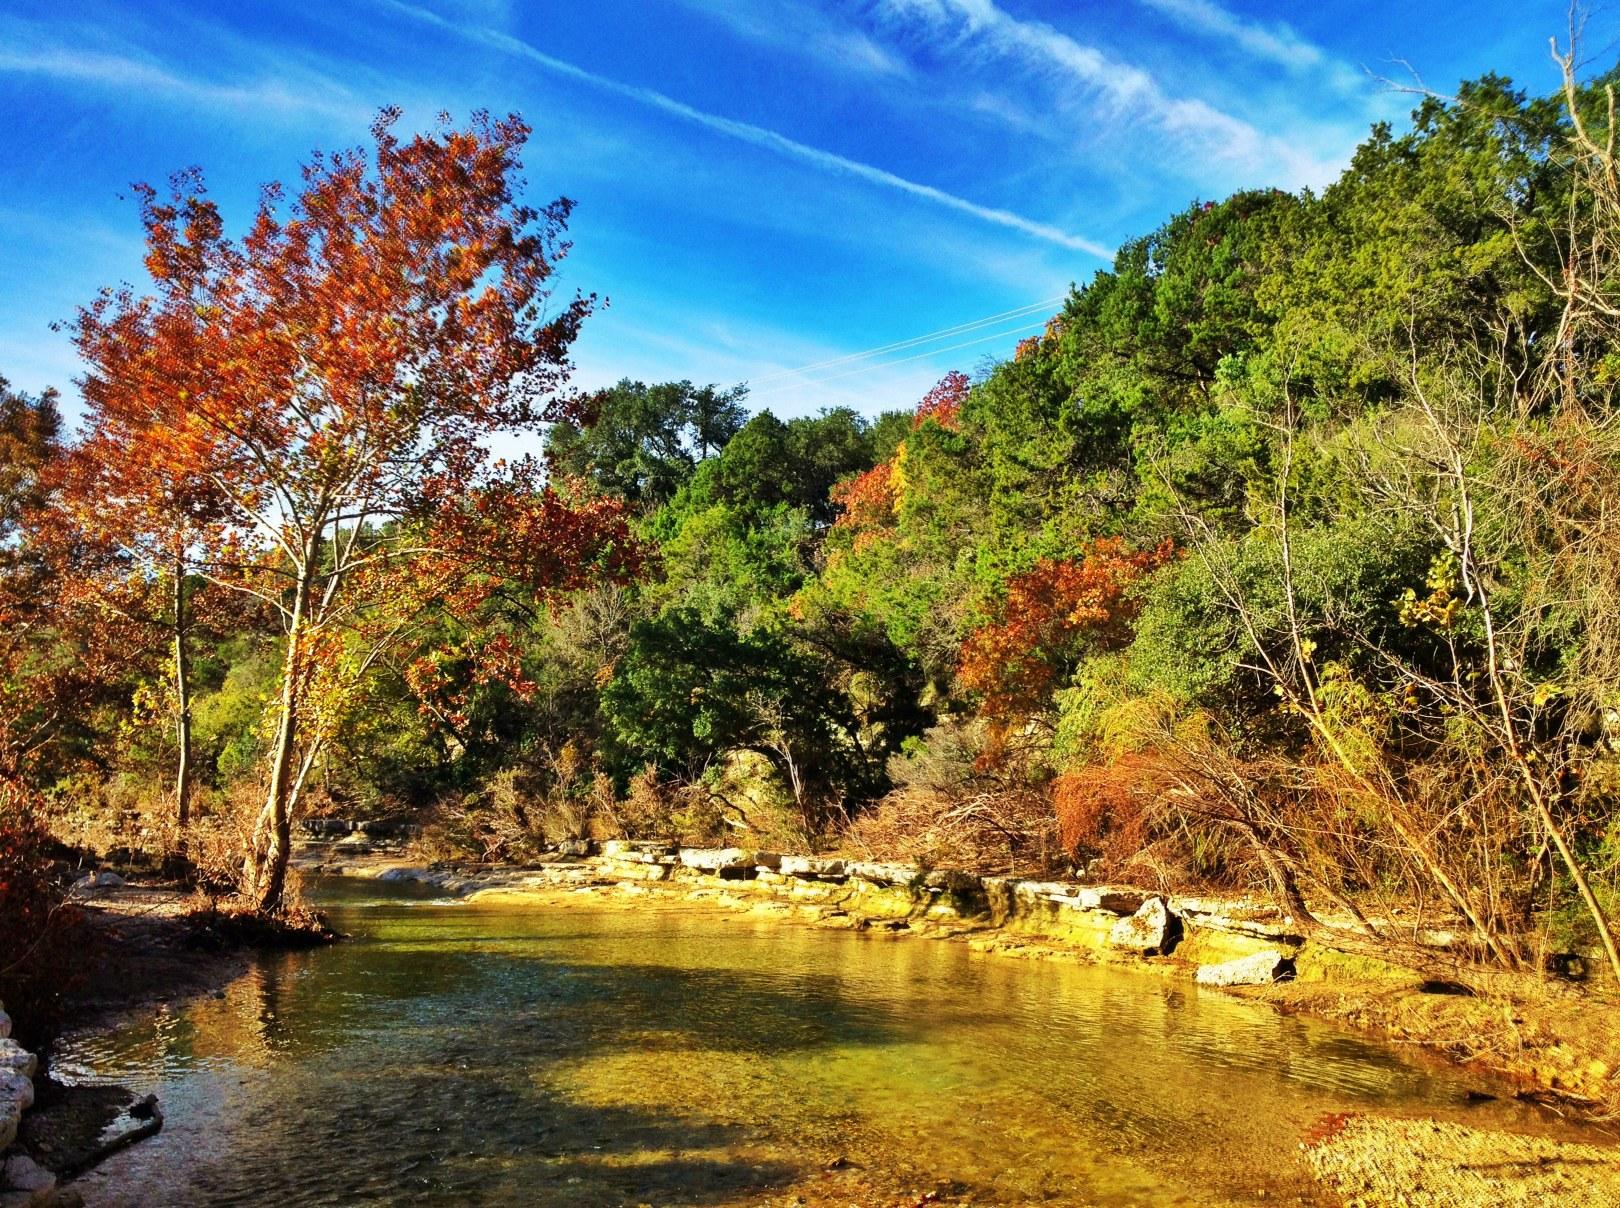 iphone-bull-creek-fall-downstream.JPG